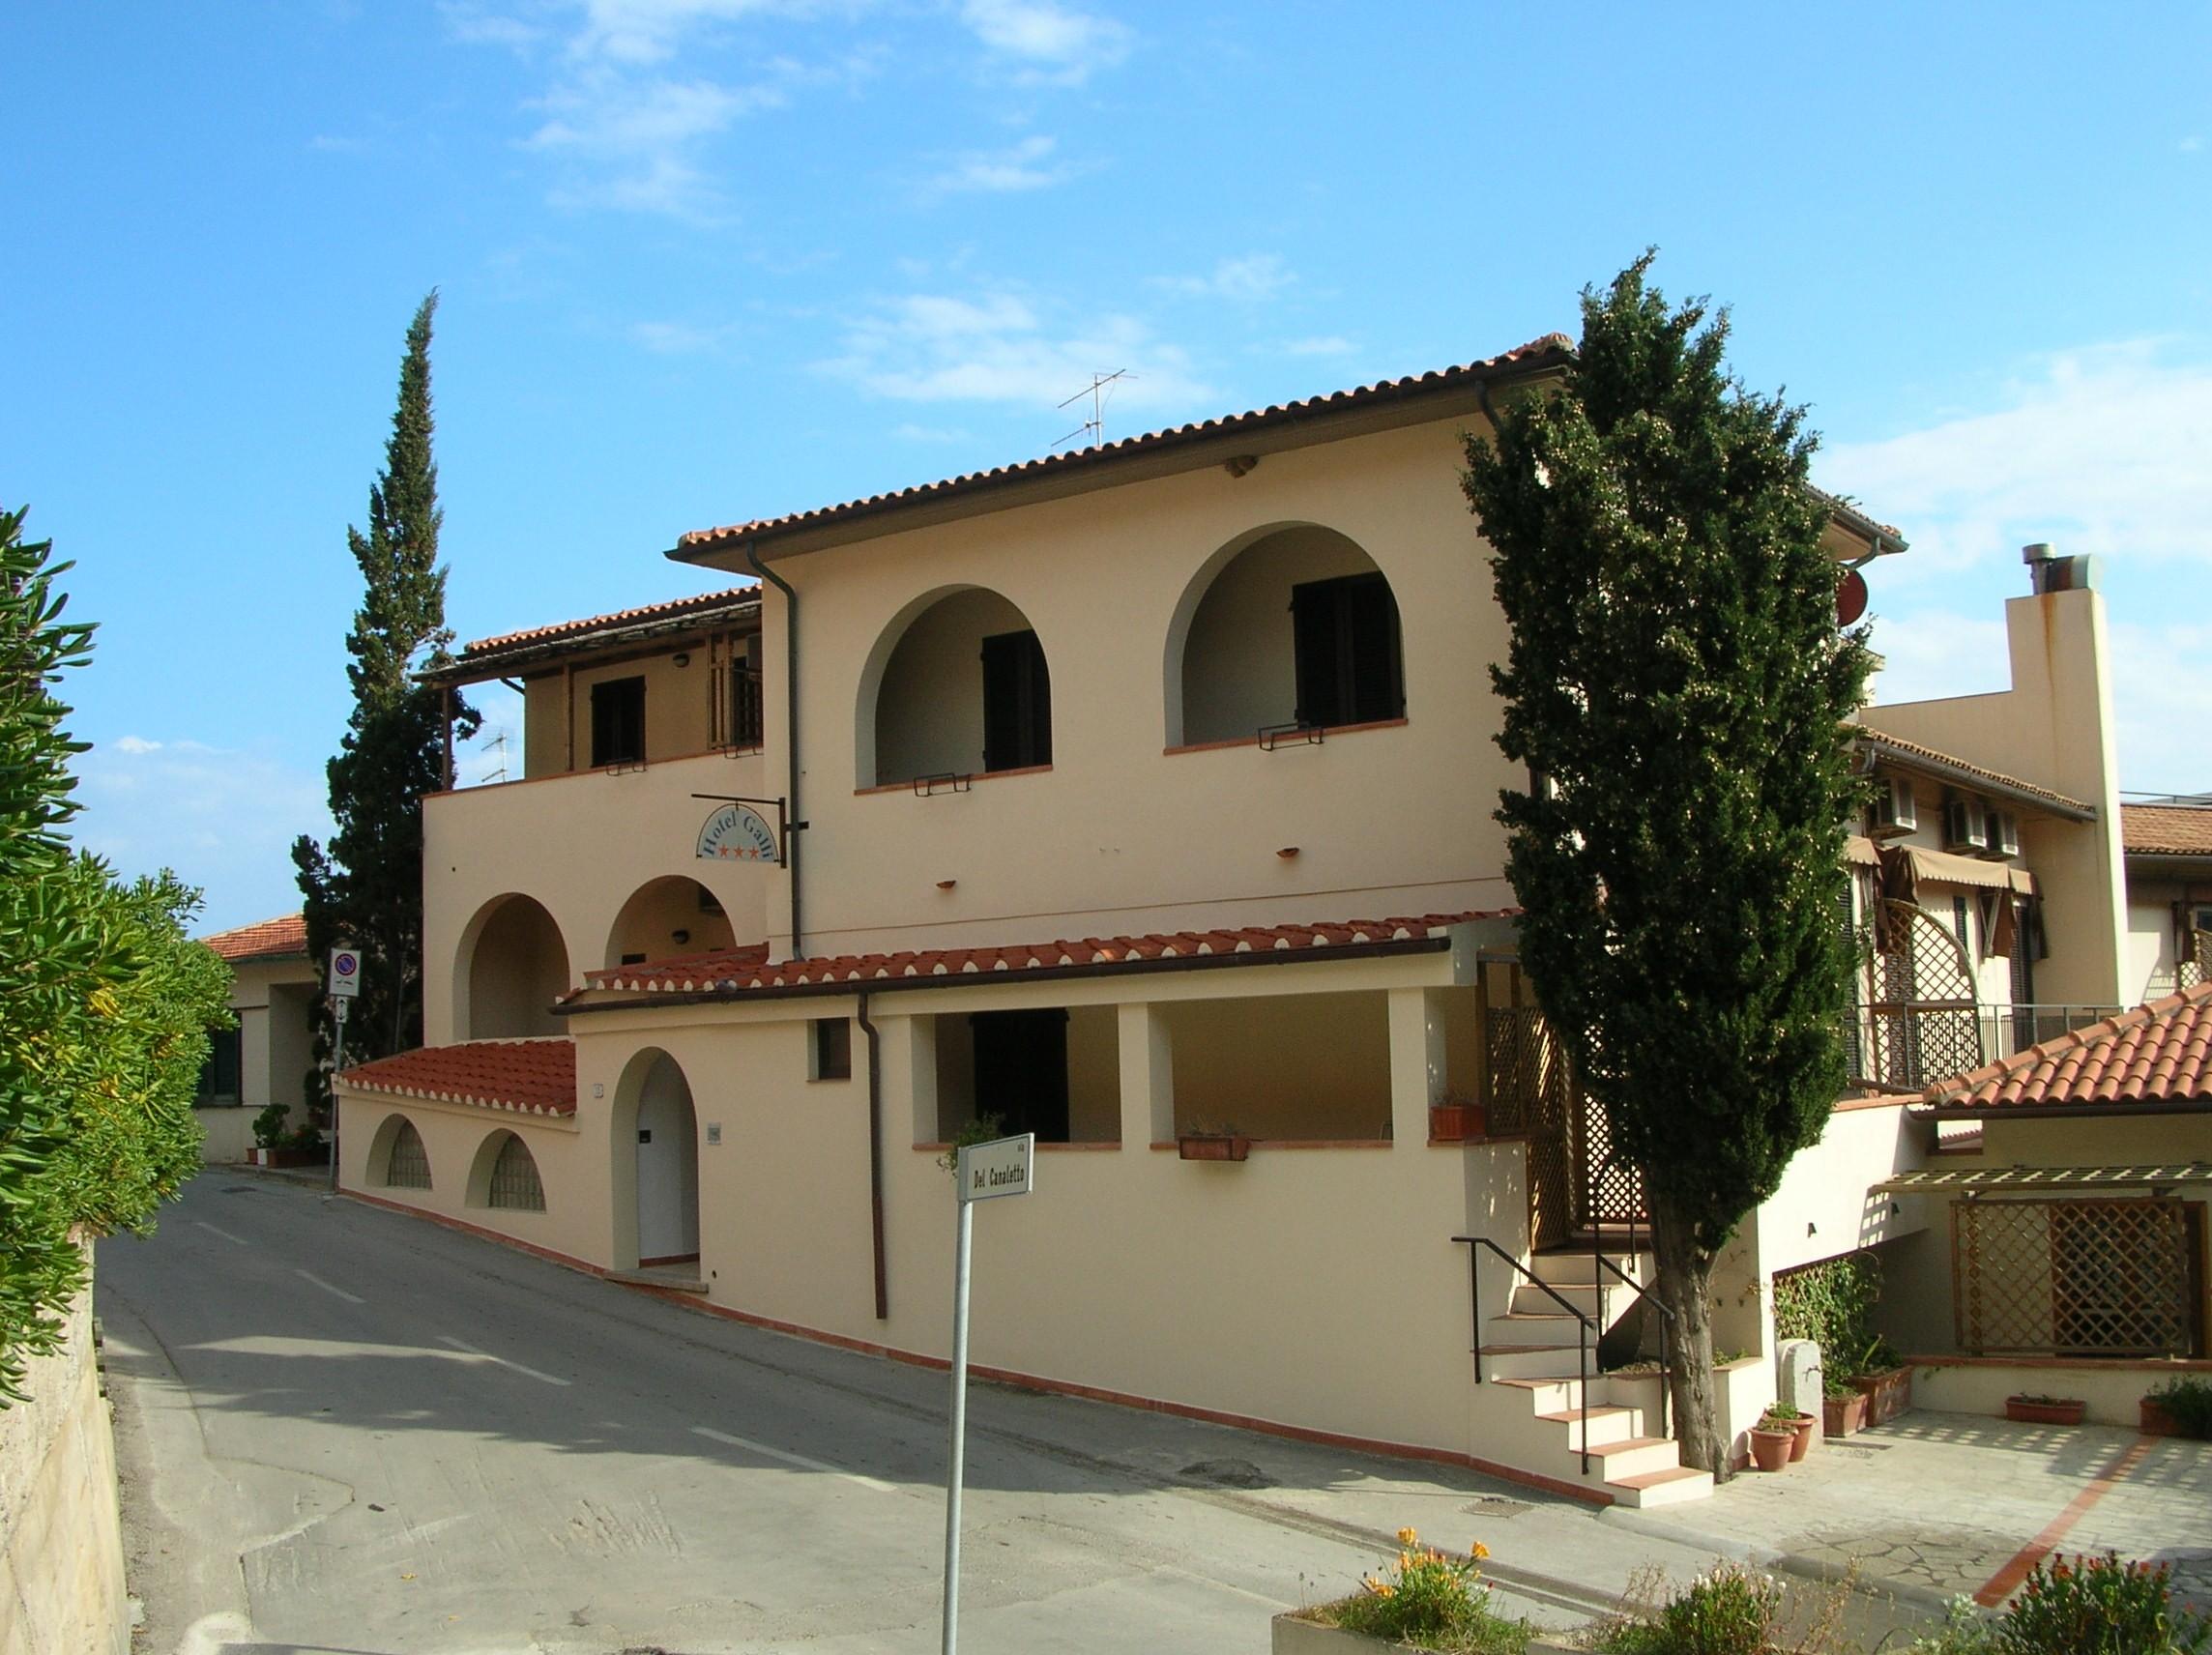 Hotel Galli foto 1